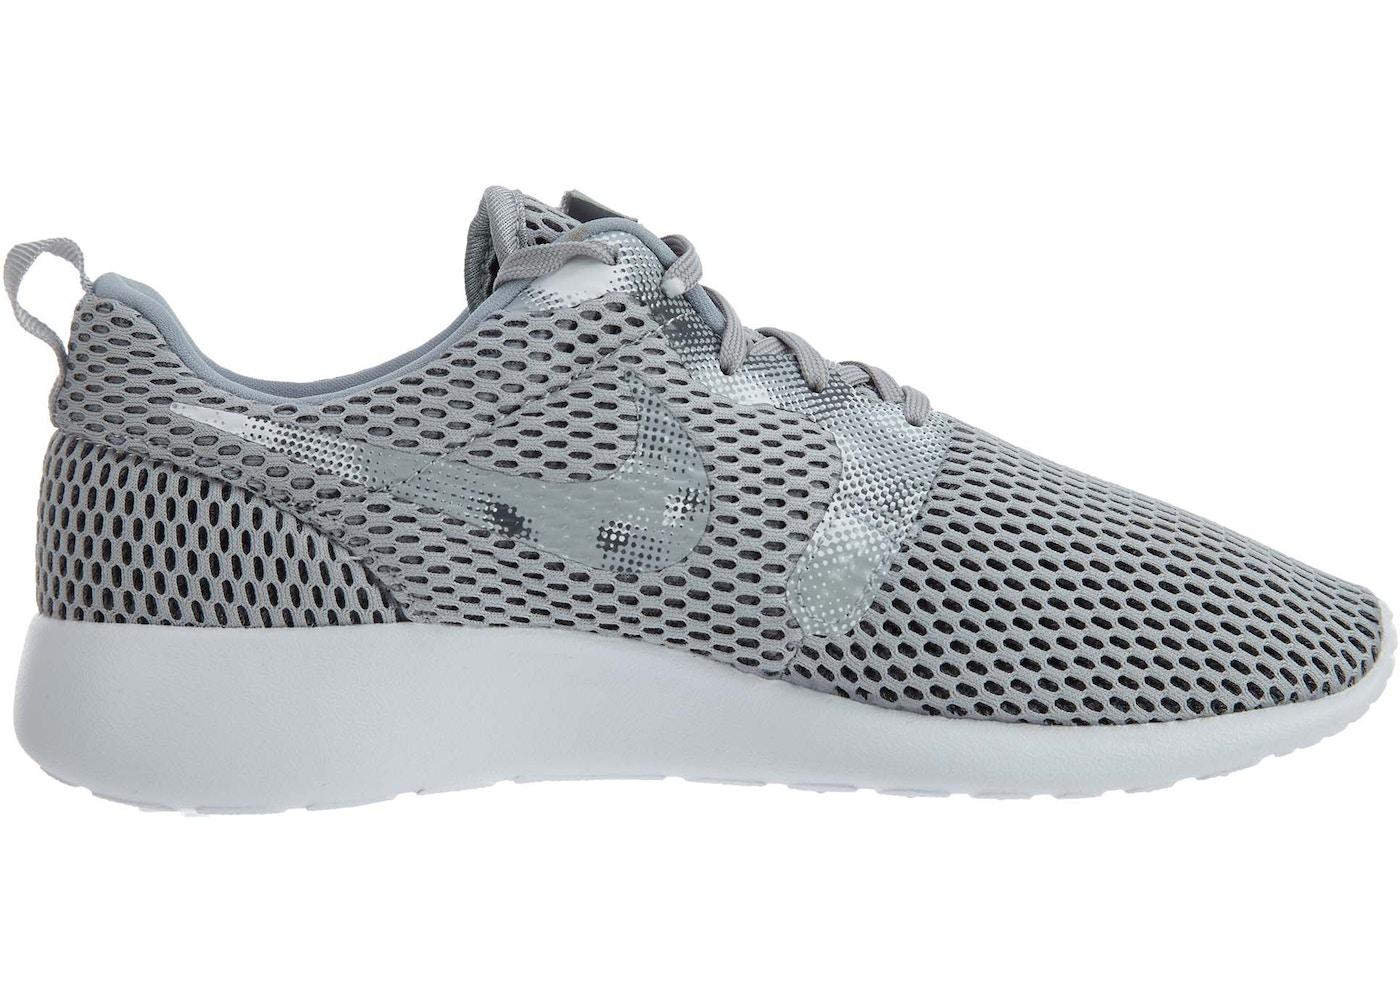 oyente Electropositivo vino  Nike Roshe One Hyp Br Gpx Wolf Grey/Whitel-Dark Grey - 859526-001